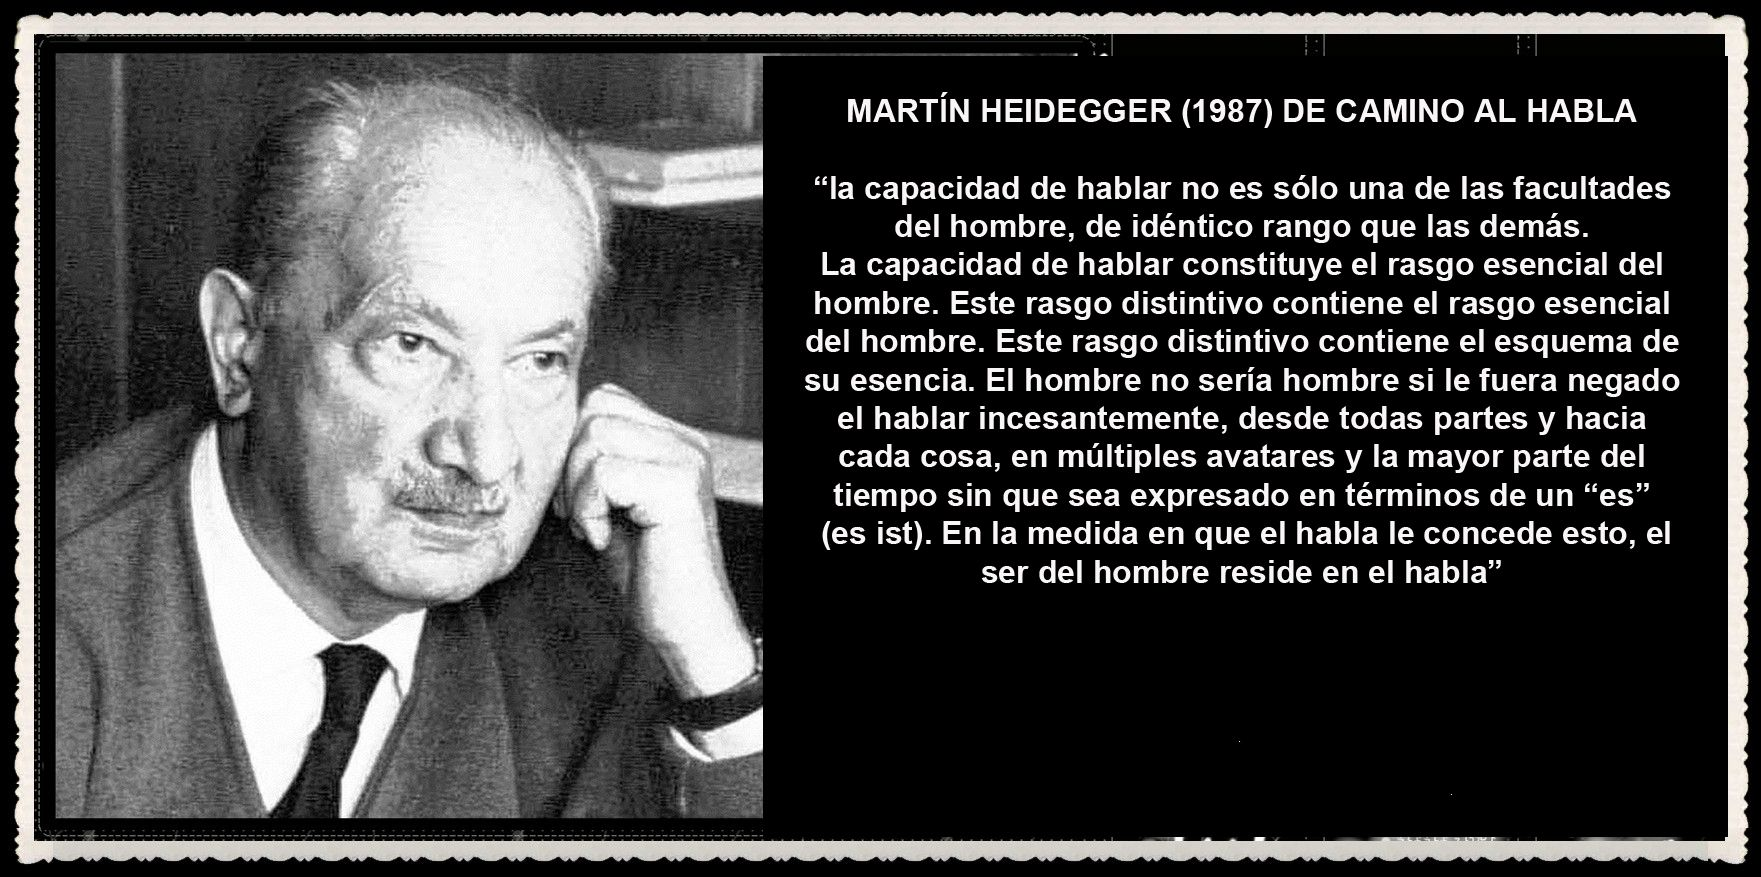 Martin Heidegger Martin Heidegger Frases Blog